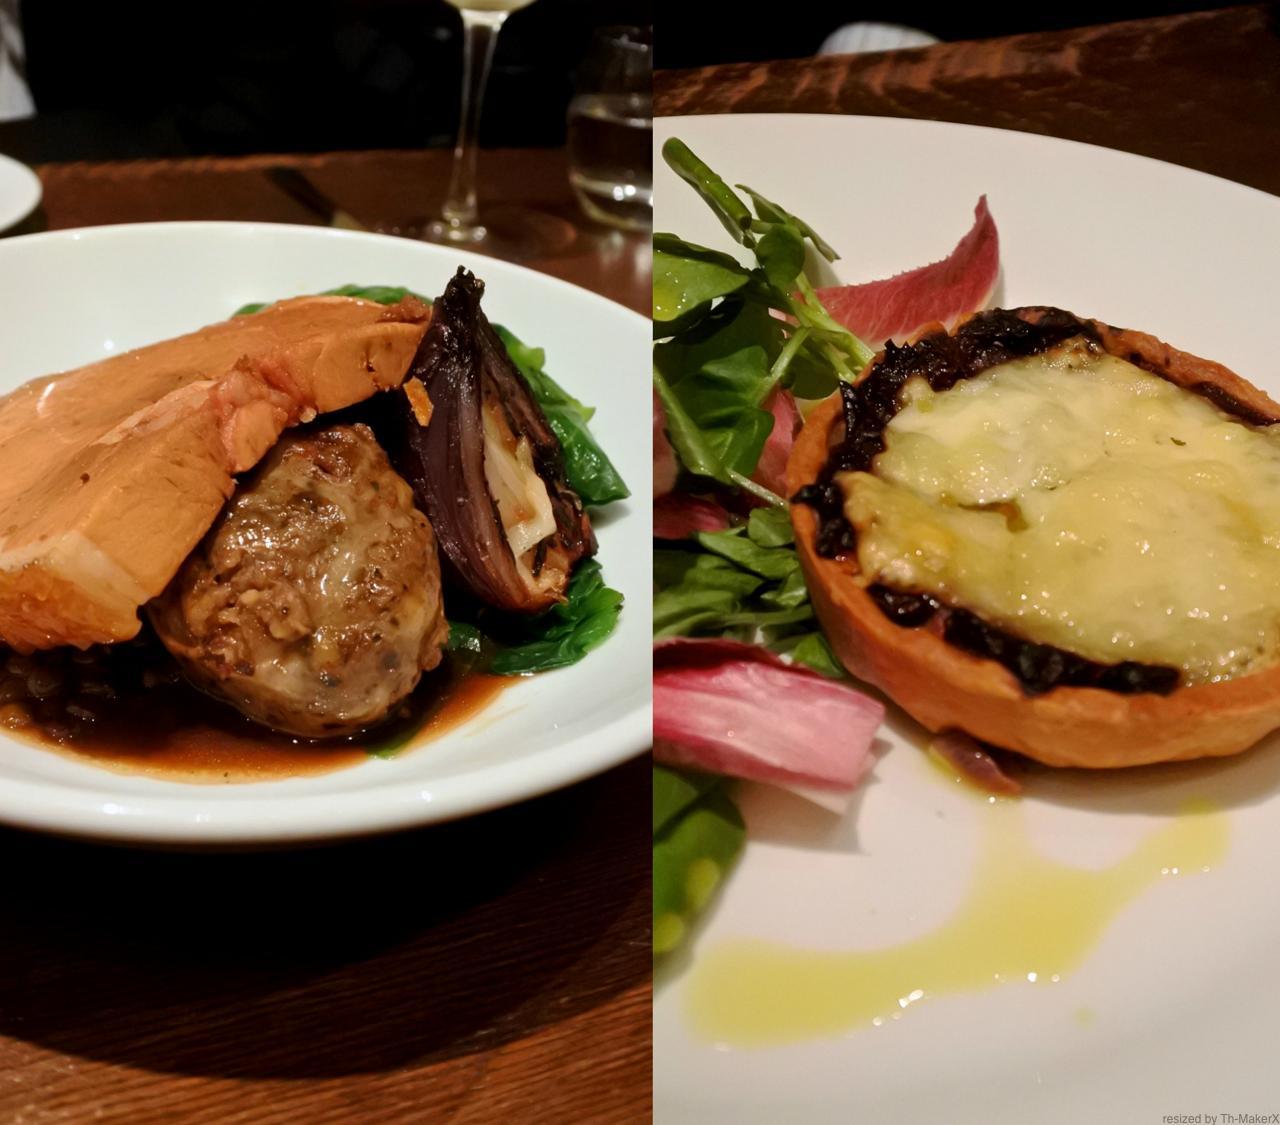 左はポーク&ファゴット。こちらもコクのある美味しさを楽しみつつも、なぜかさっぱりとした印象の一品。右は前菜の中からオニオンタルト! 素直に美味しい☆